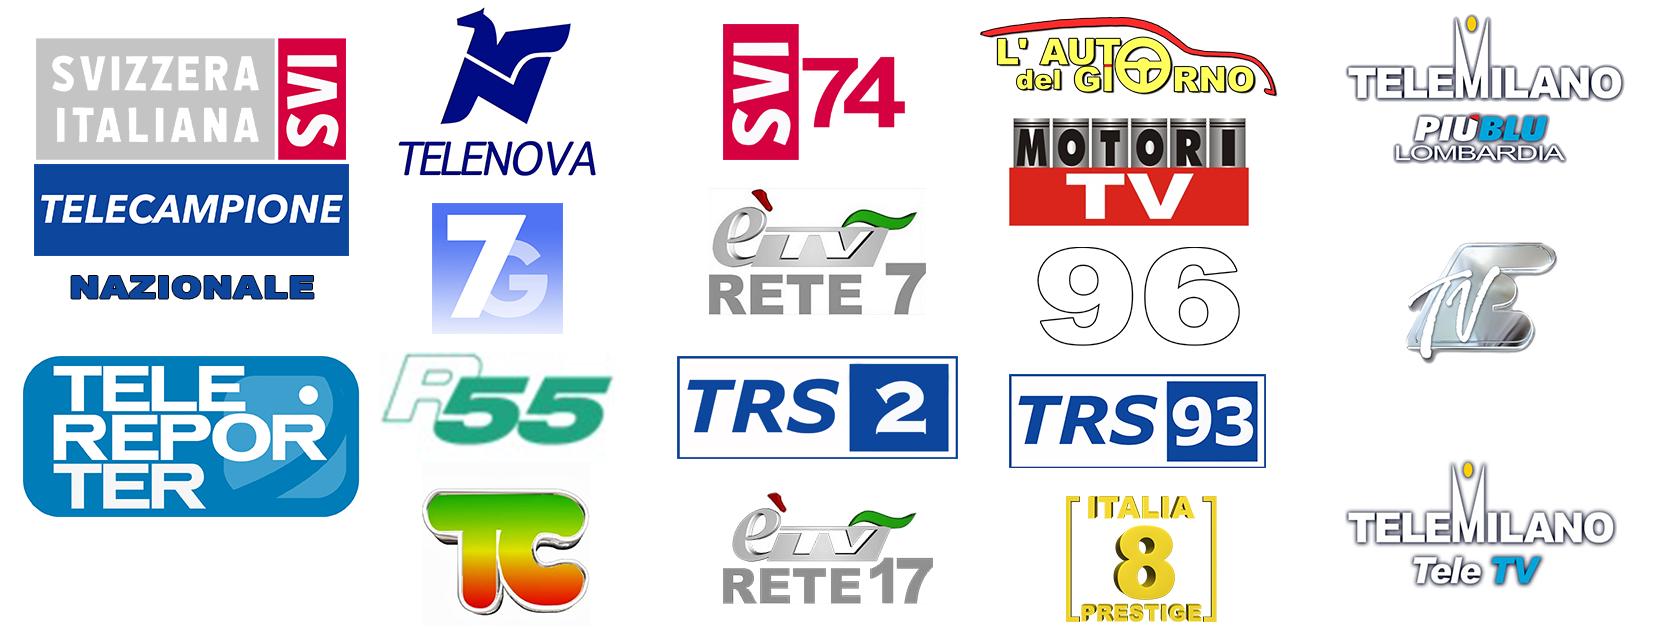 Publirose sergio fresia - Tv locali. Fresia (Publirose): mentre tutti dubitano, noi investiamo. Telereporter torna ad essere una superstation e parte 72 Lombardia